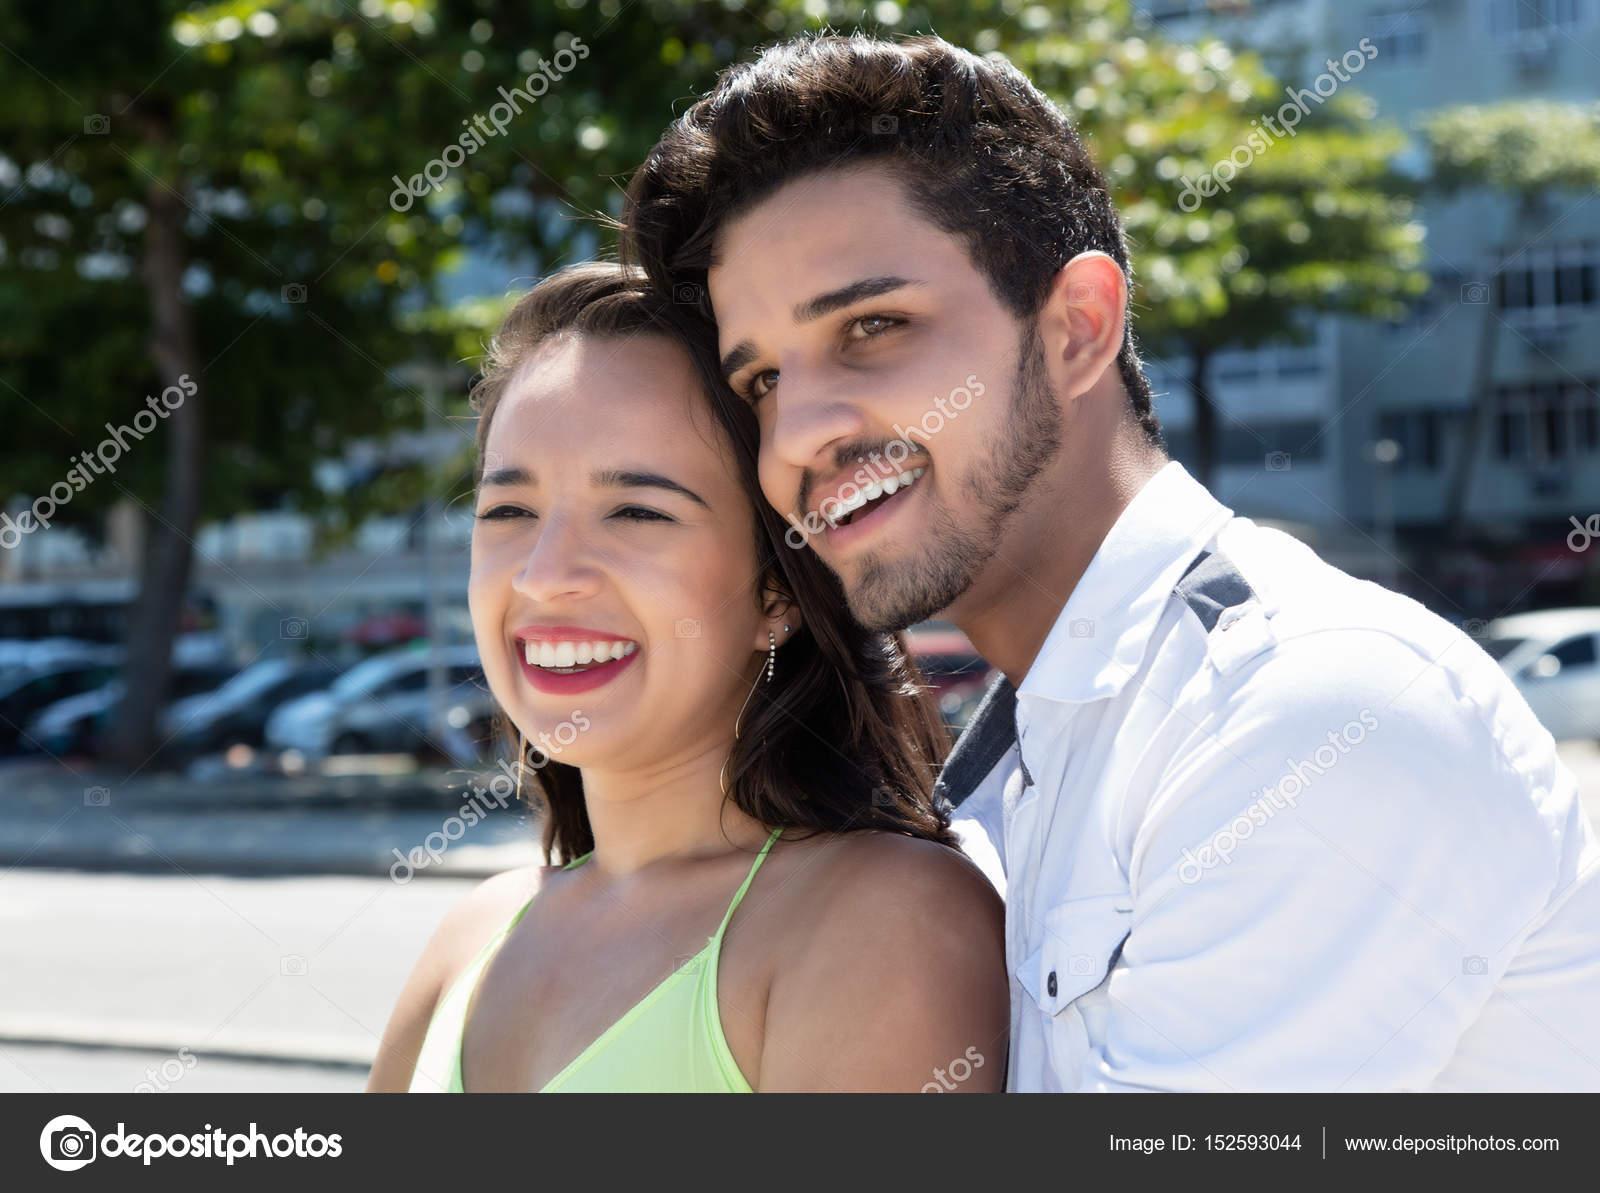 Ασιατικές αμερικανική dating Νέα Υόρκη